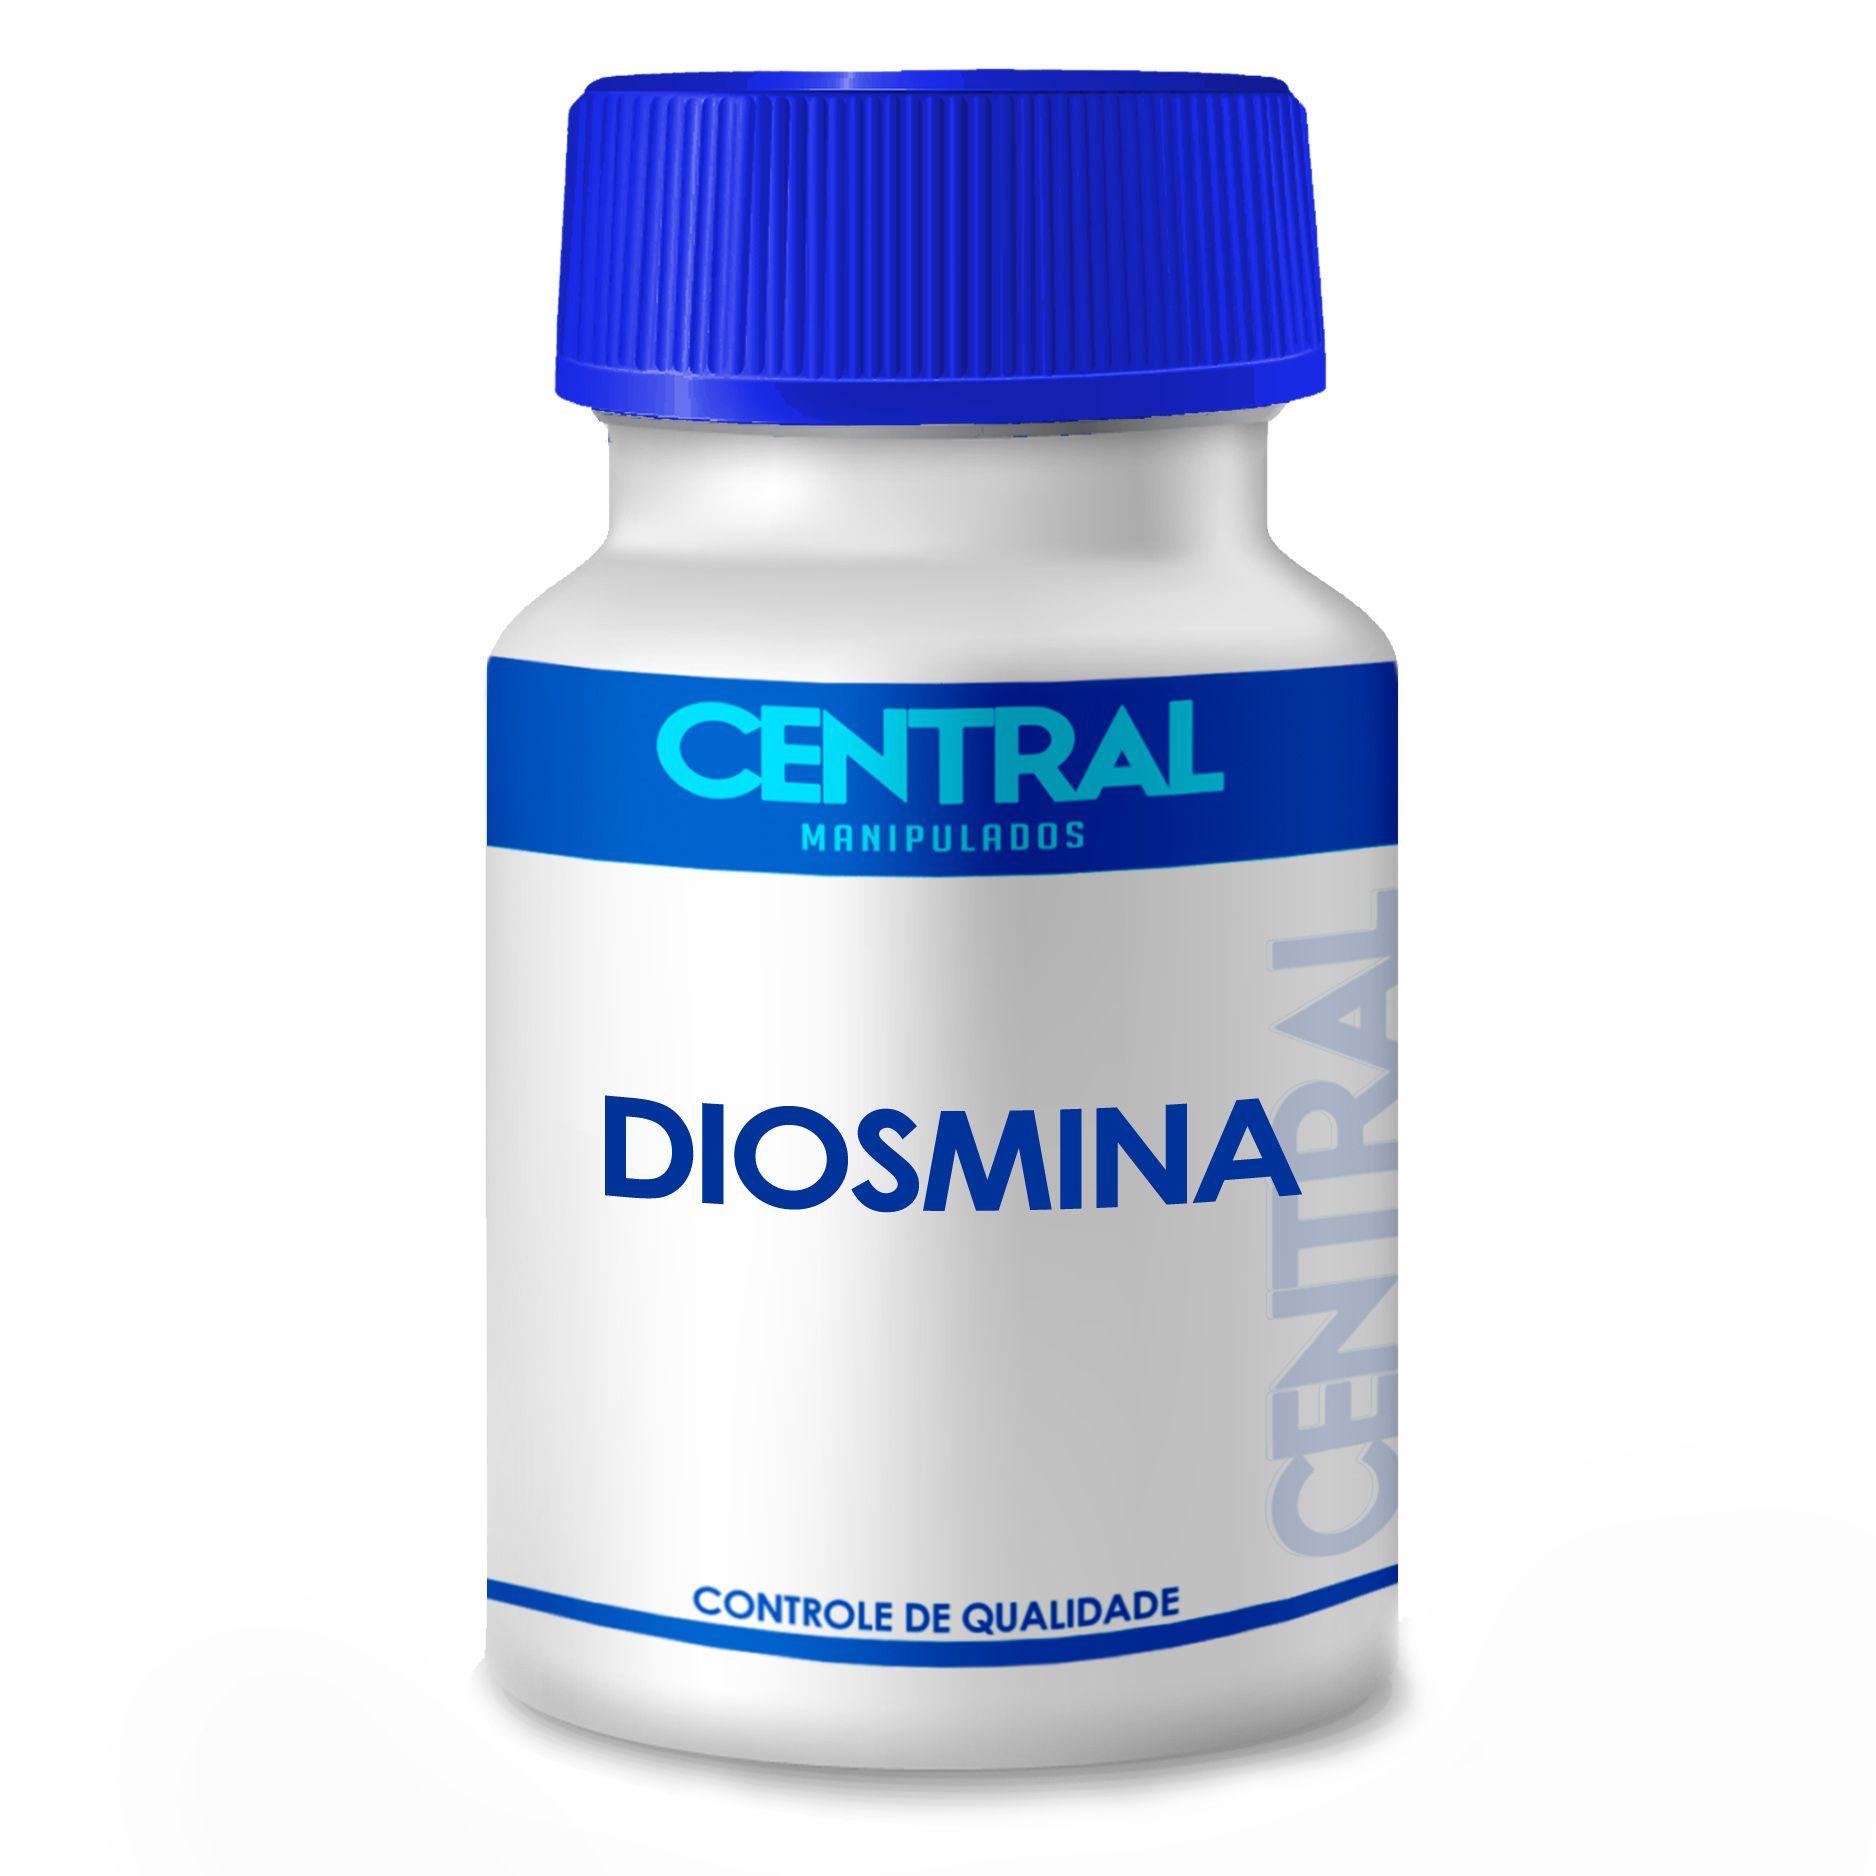 Diosmina - Nas crises hemorroidárias e insuficiência venosa - 450mg 60 cápsulas